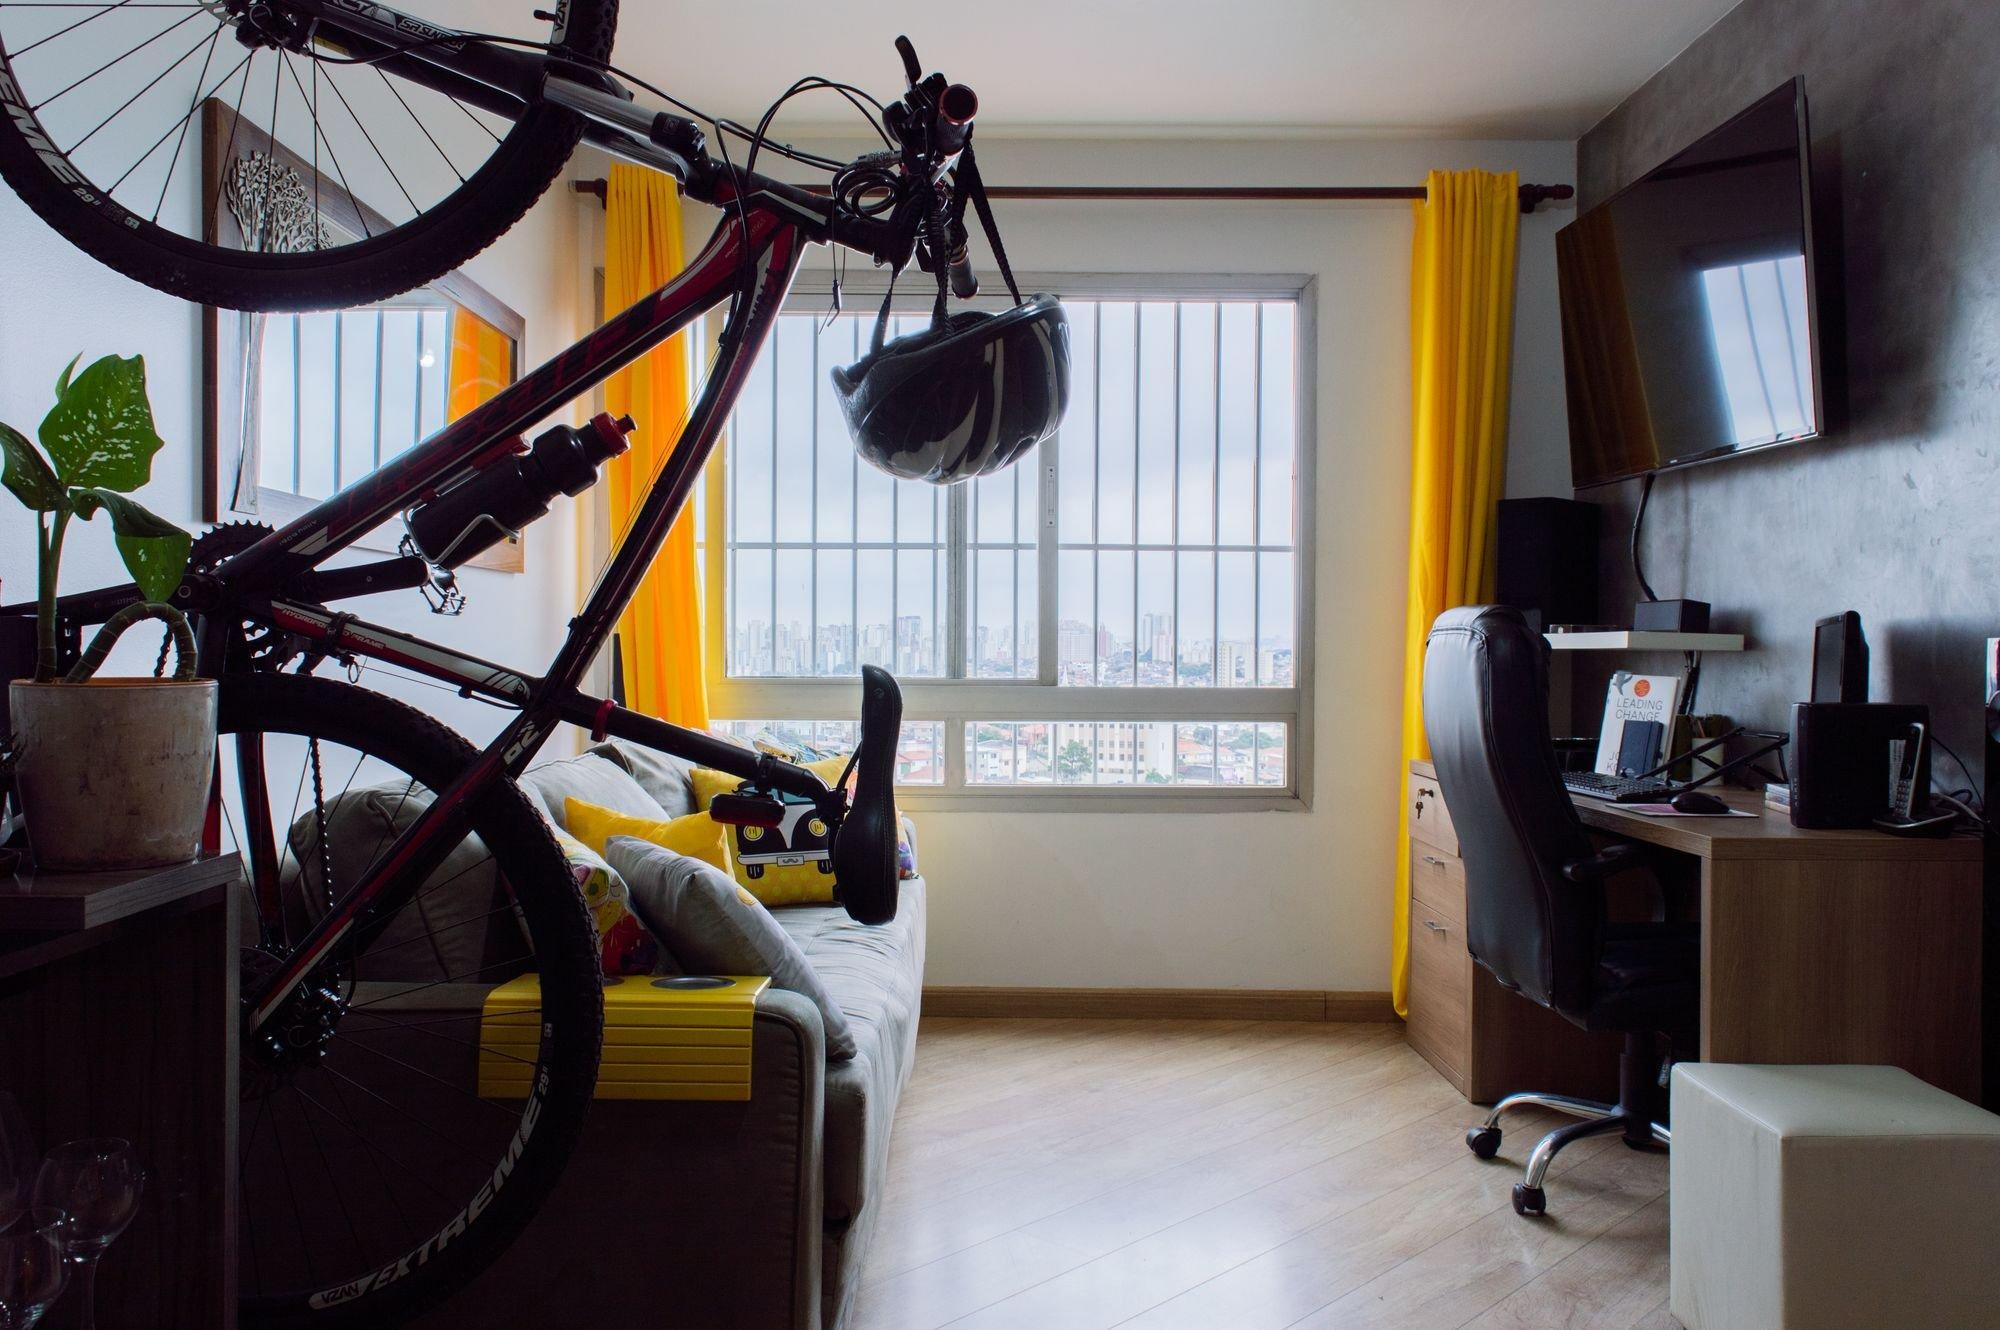 Foto de Sala com bicicleta, cadeira